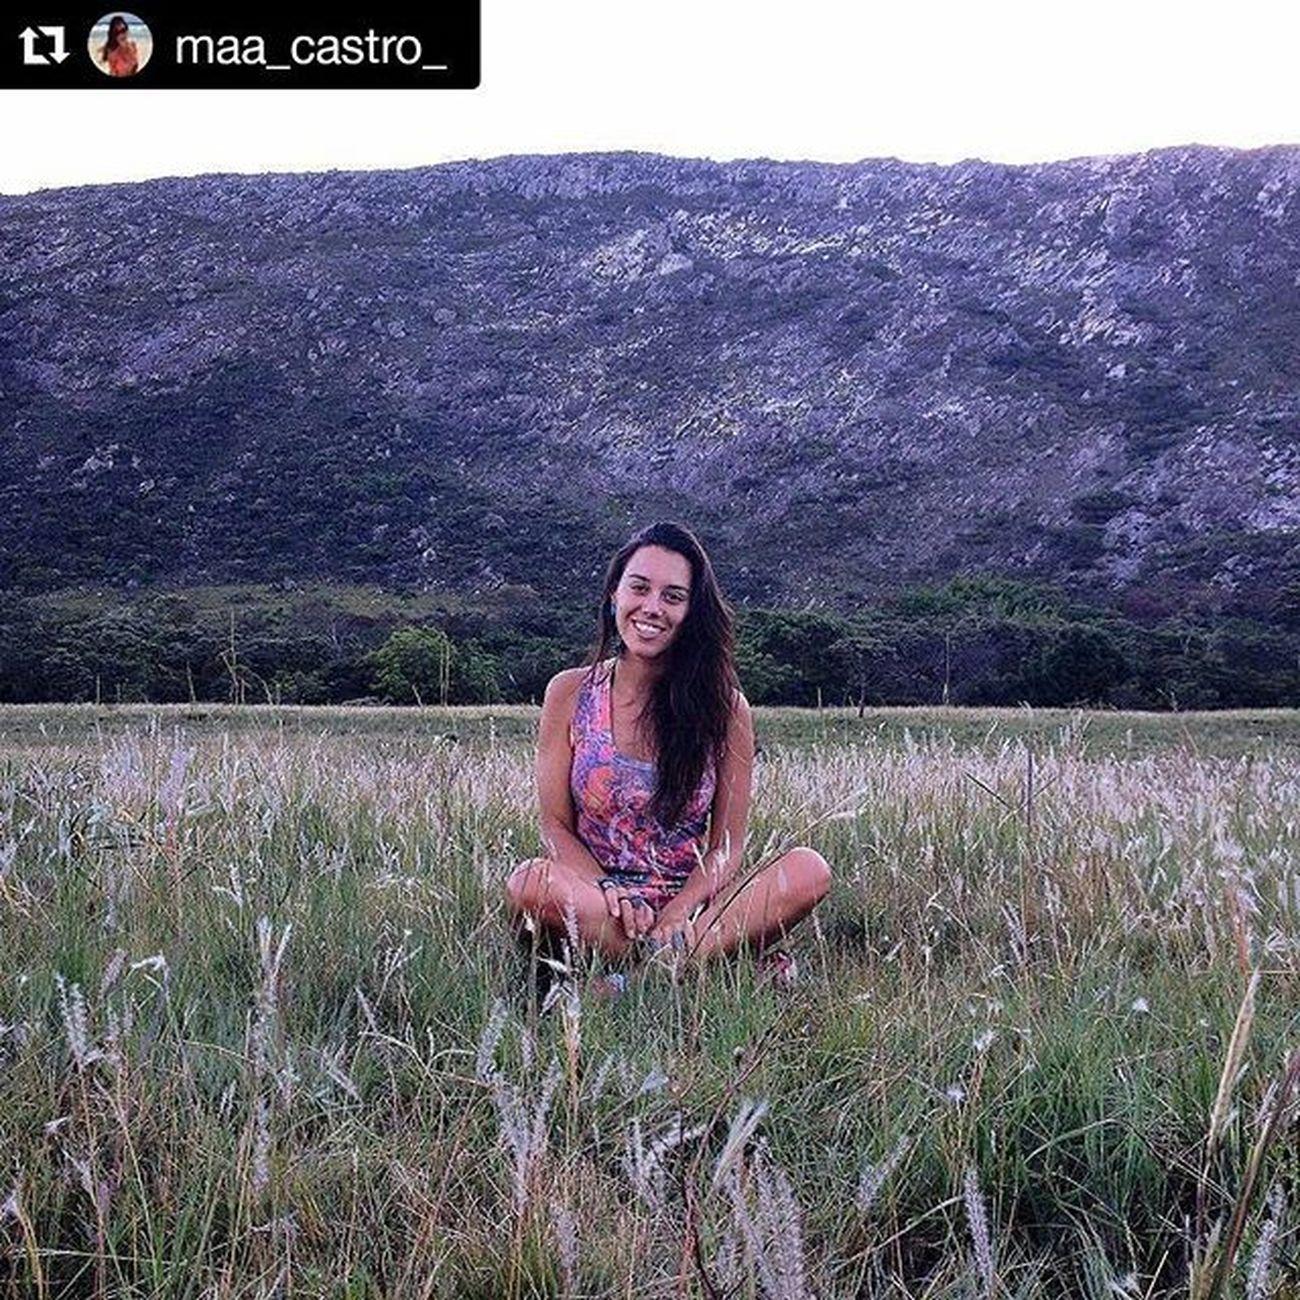 Repost @maa_castro_ with @repostapp ・・・ Vamo simbora pra Lapinha, moço?🙏🏼🍀⛺️ Vcmochilando Turismomg Serradocipoinfo MG  Lapinhadaserra Trekking Camping Trilhandomontanhas Neverstopexploring  Varamato